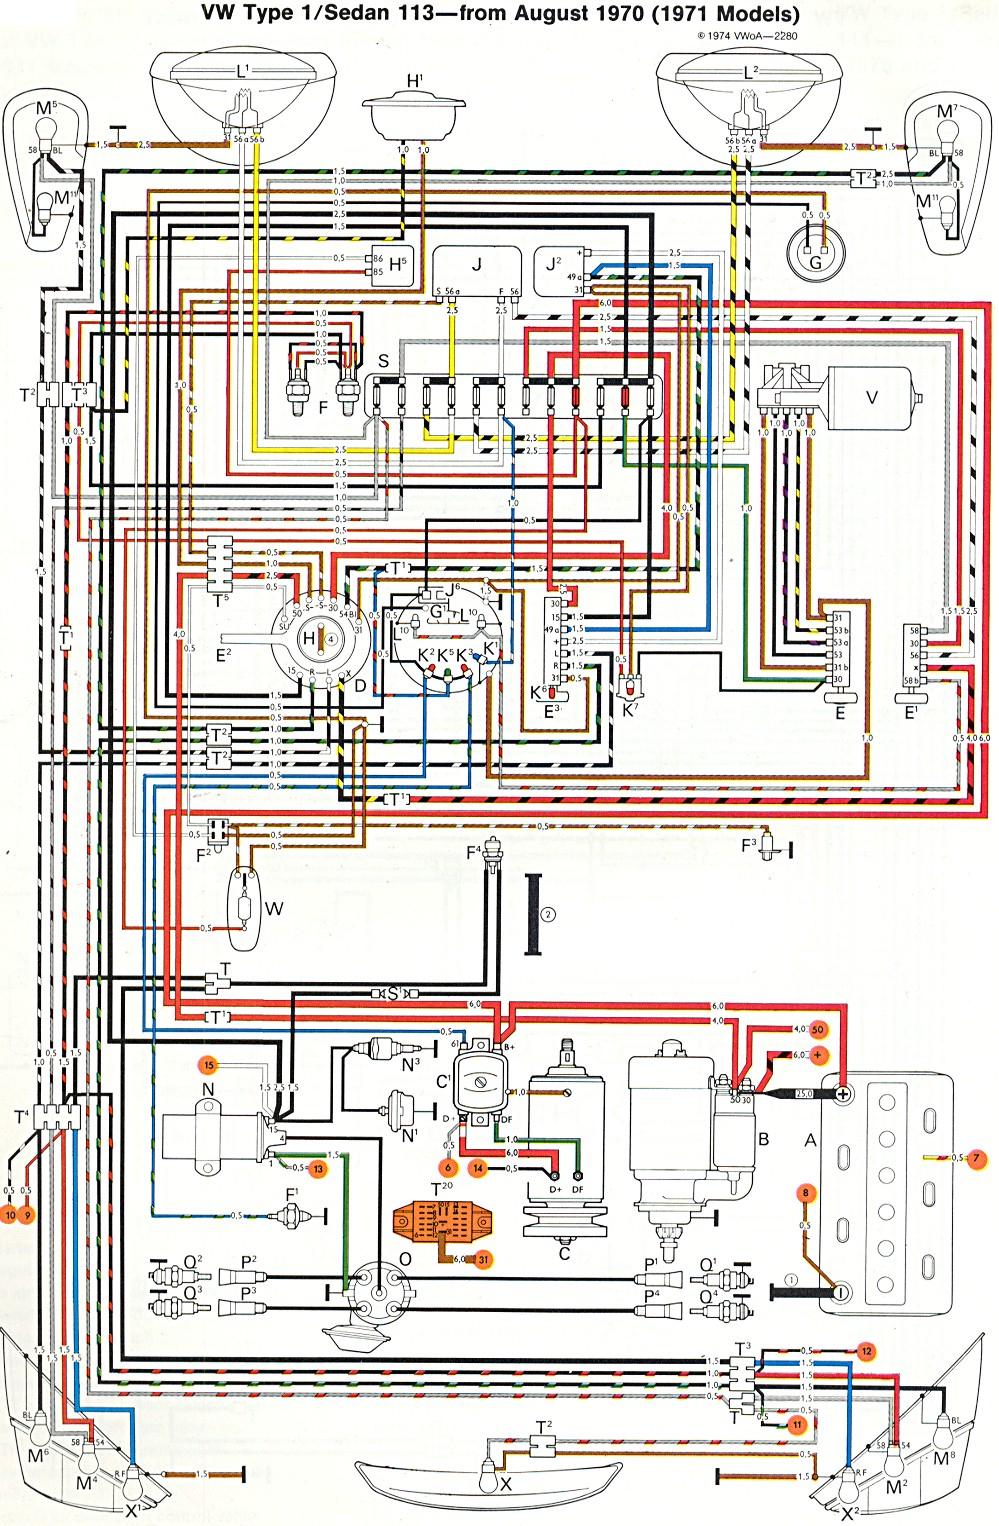 1973 Vw Beetle Wiring Diagram   Wiring Diagram - 1973 Vw Beetle Wiring Diagram